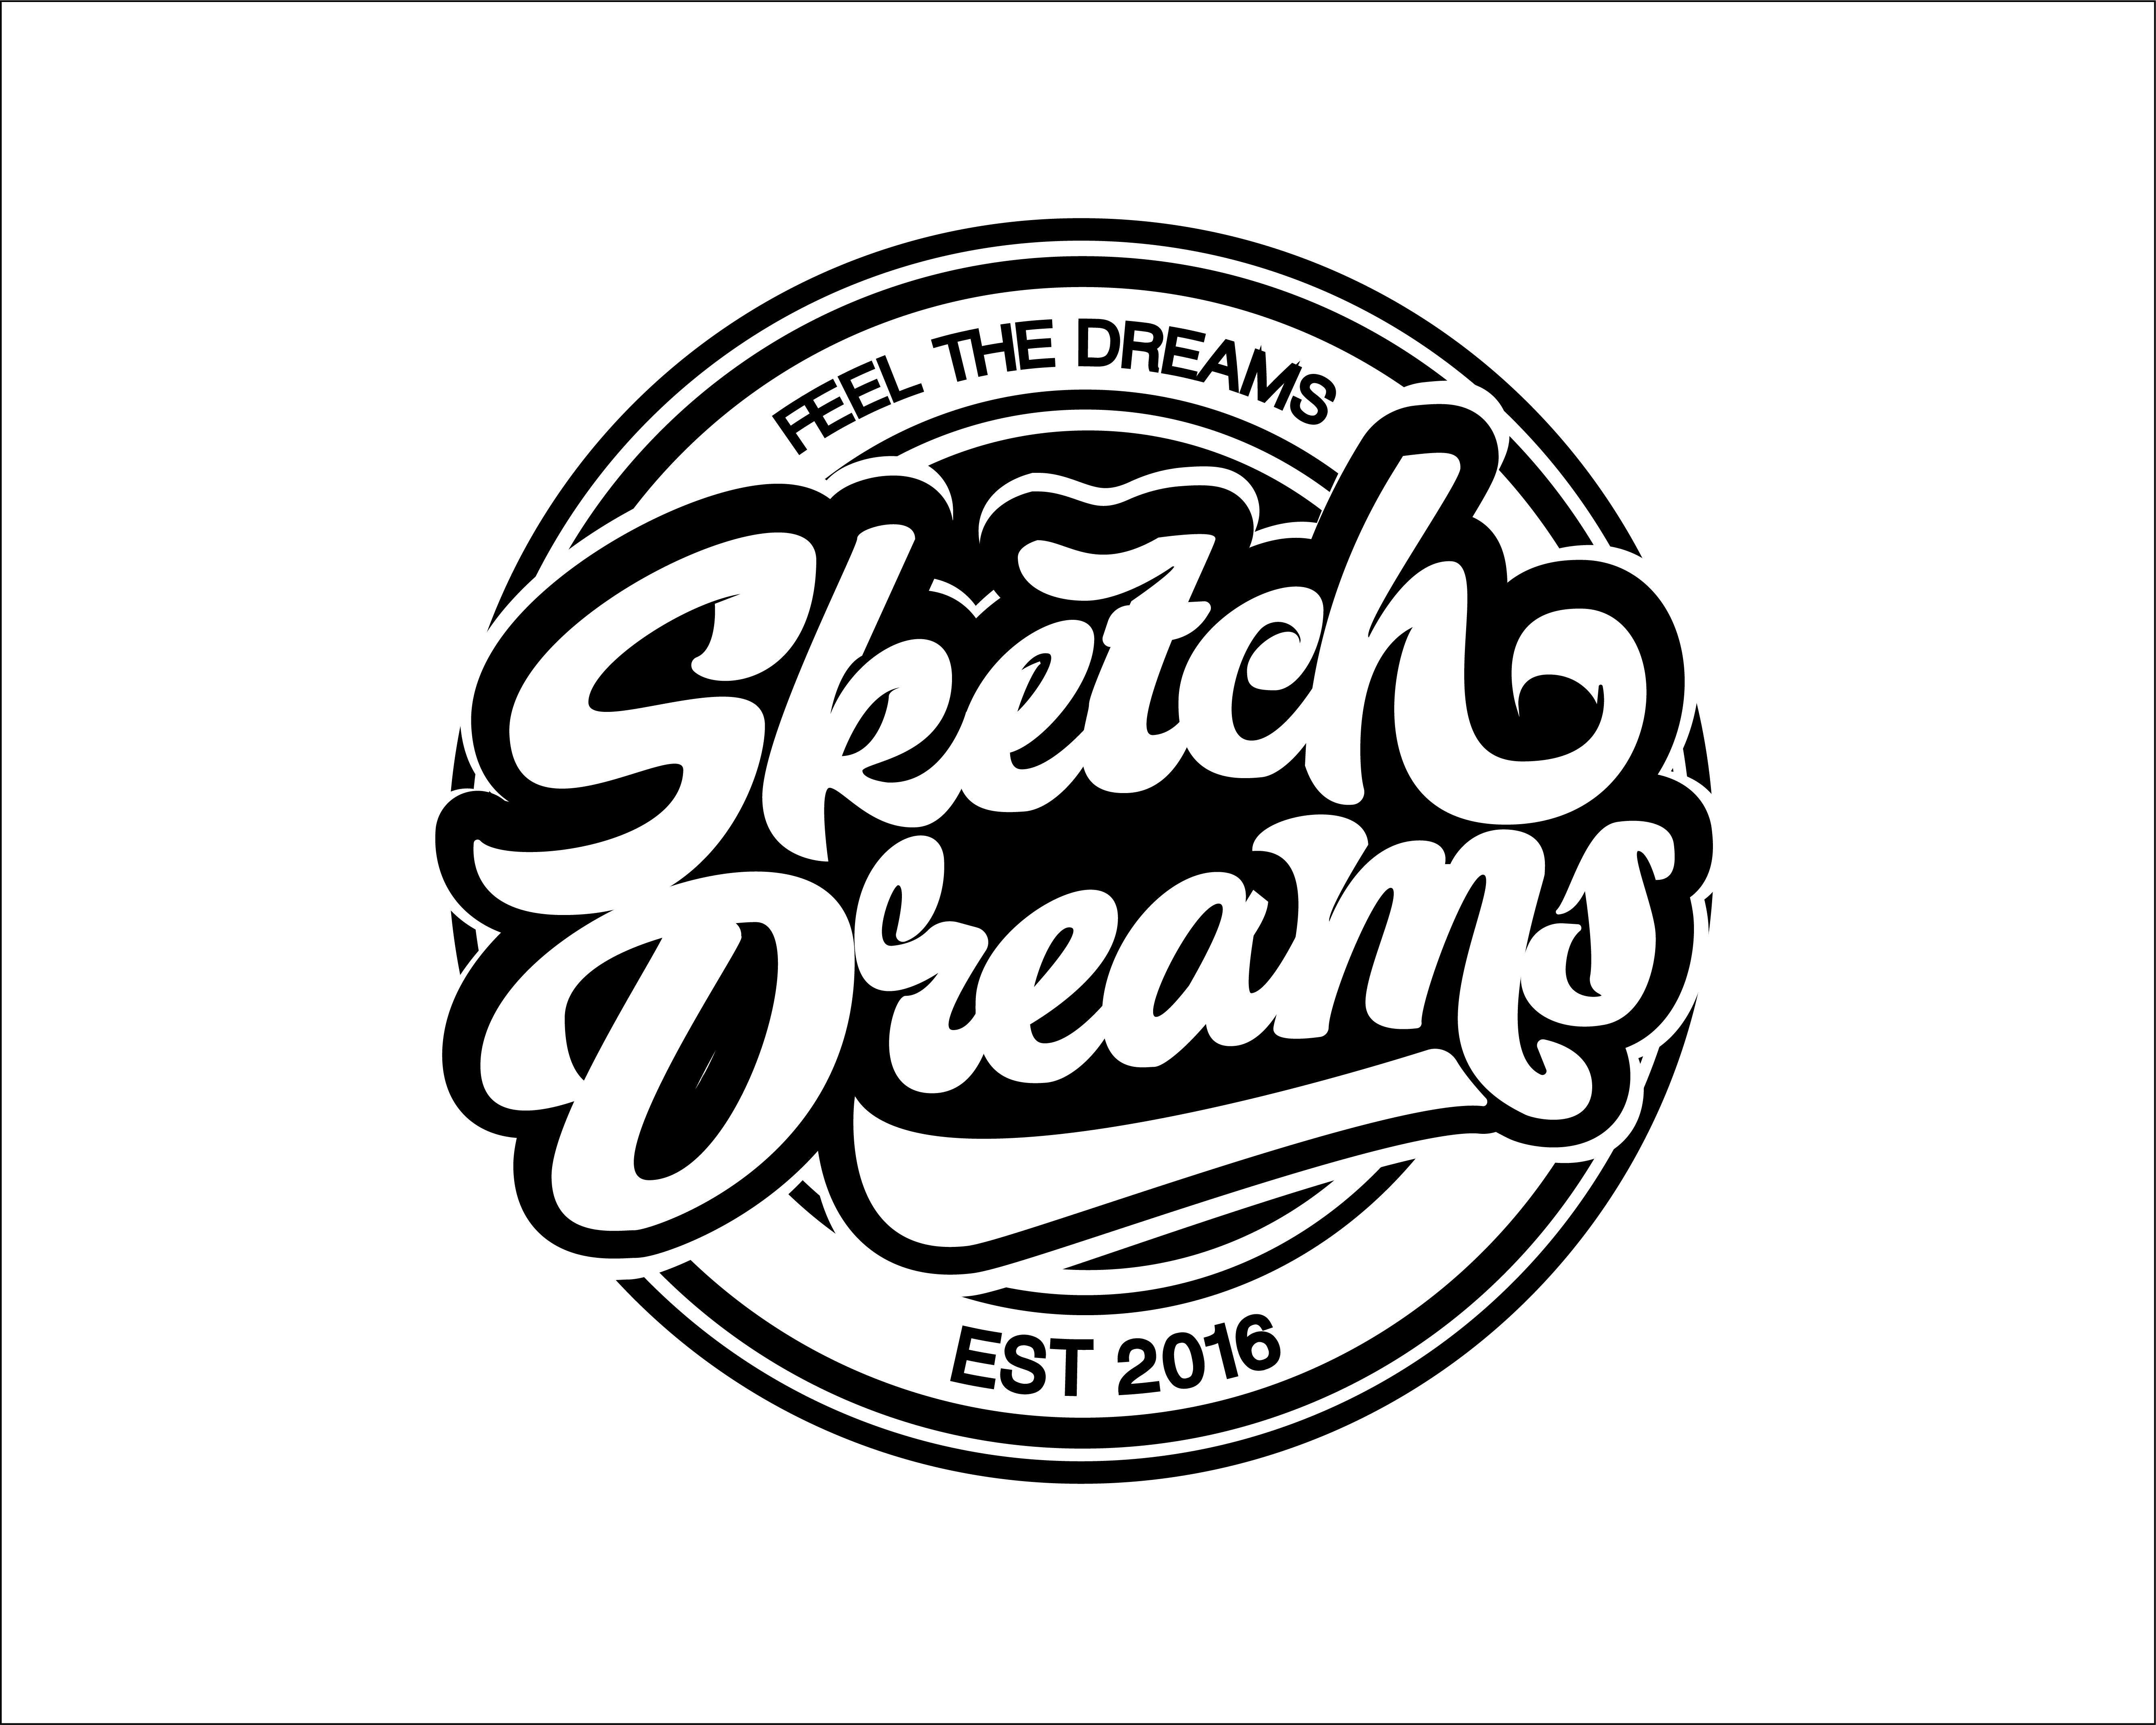 SKETCH DREAMS